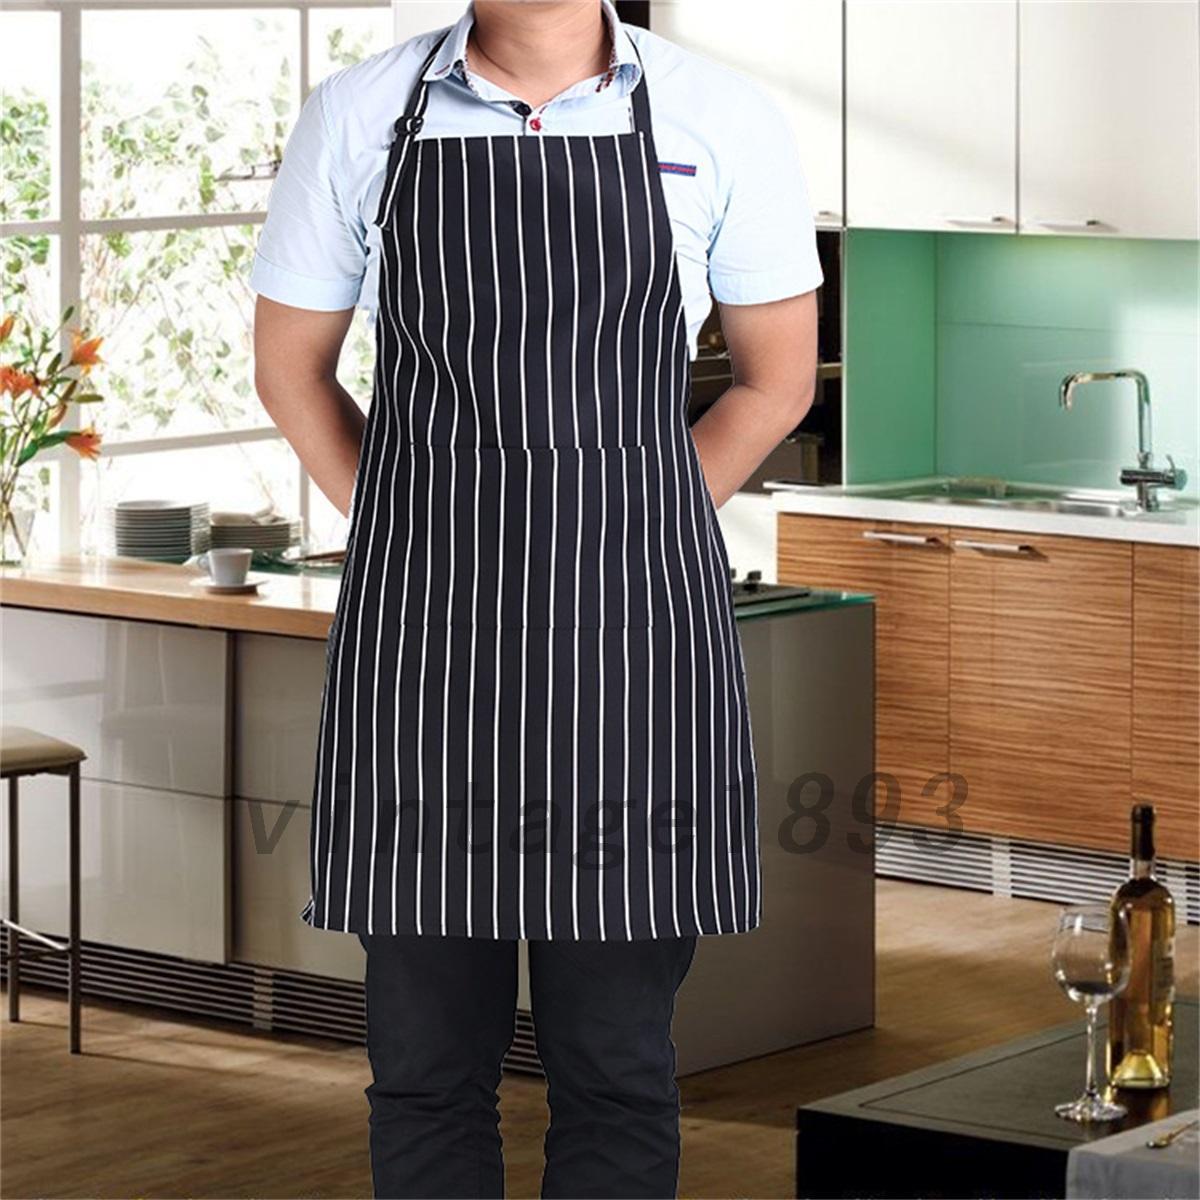 Fashion Women Men Bib Apron Cooking Chef Kitchen ...